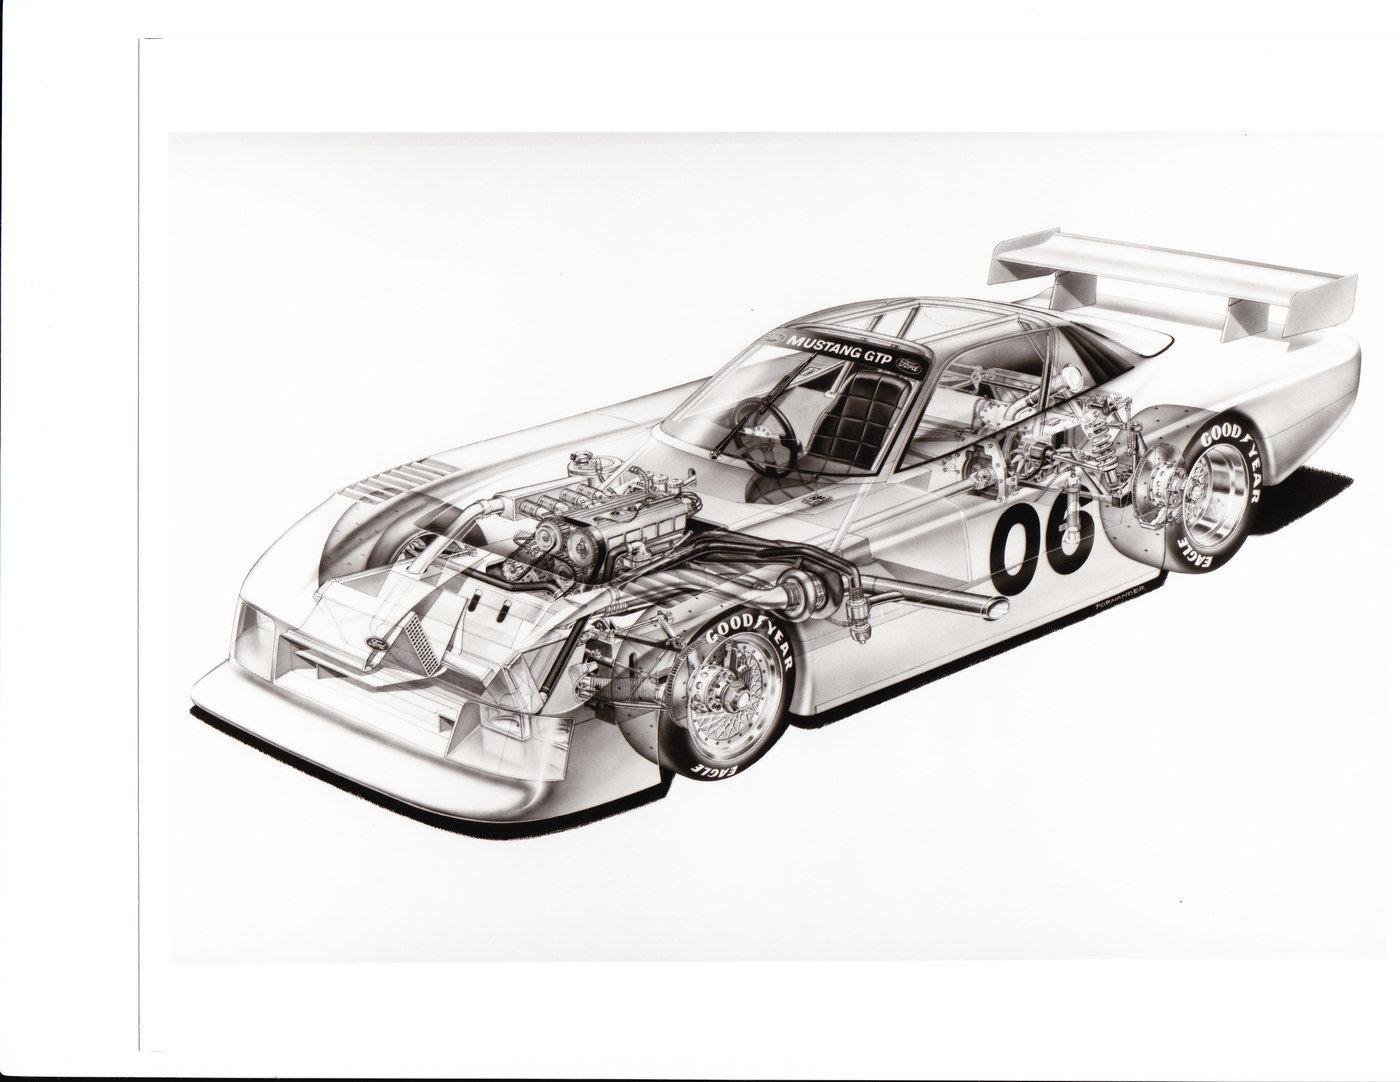 Imsa Gtp Racecars By Gerald Cekala At Coroflot